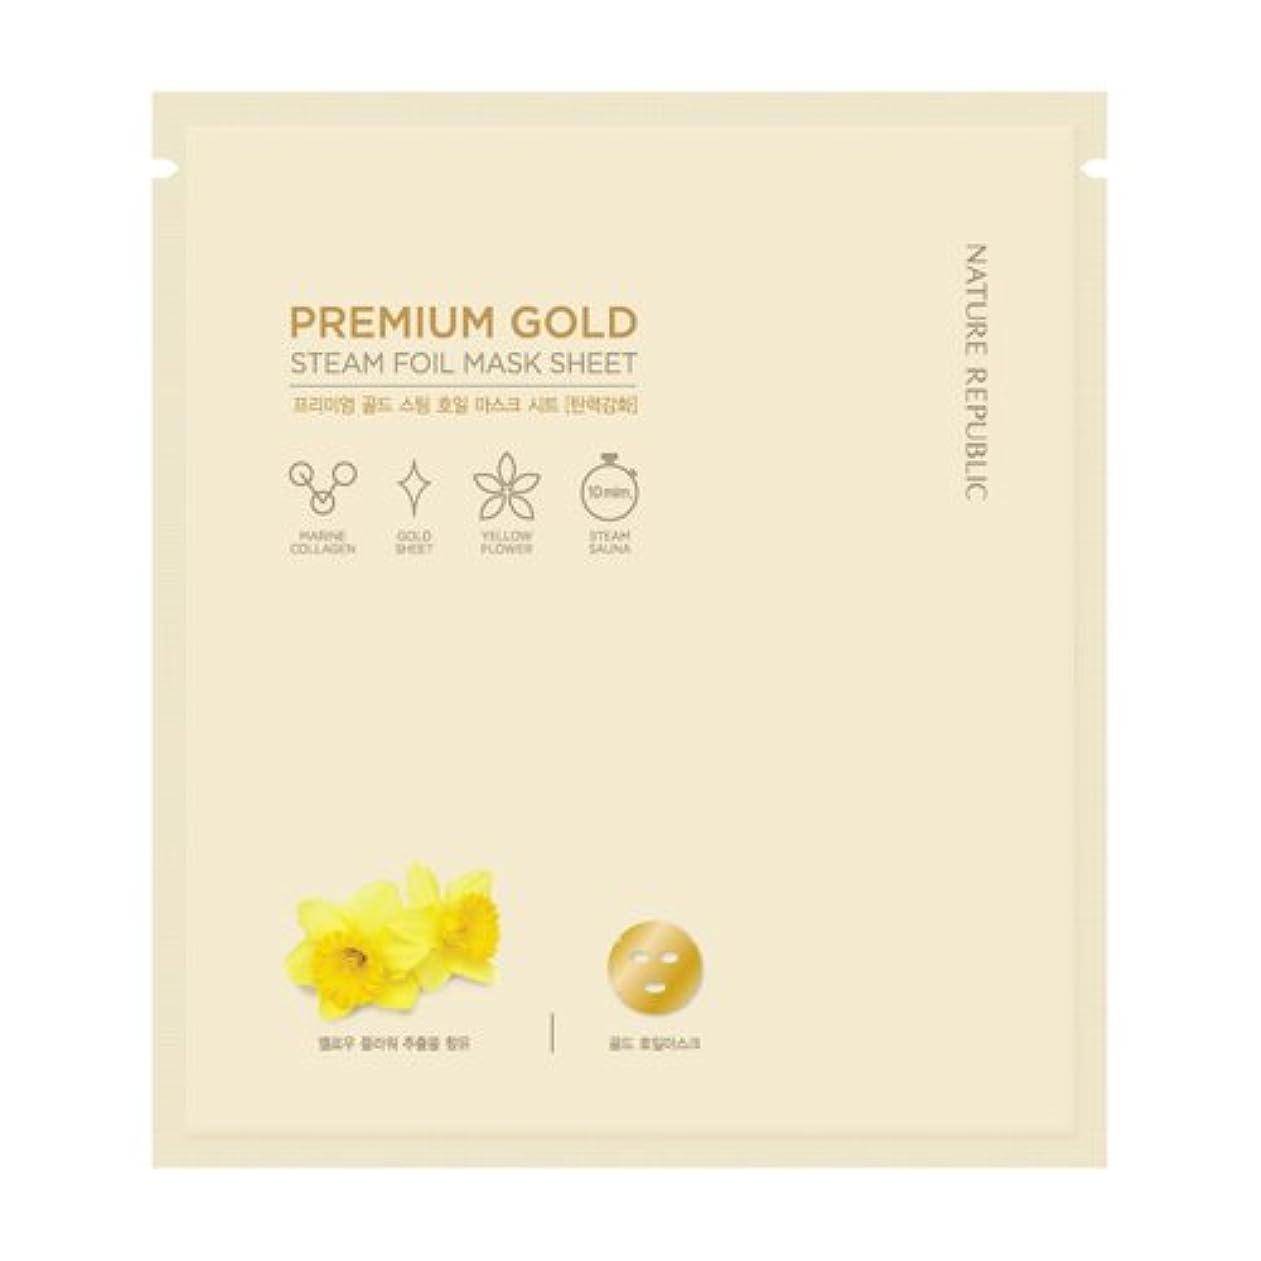 チーズログフラップNature Republic Premium Gold Steam Foil Mask Sheet [5ea] ネーチャーリパブリック プレミアムゴールドスチームホイルマスクシート [5枚] [並行輸入品]